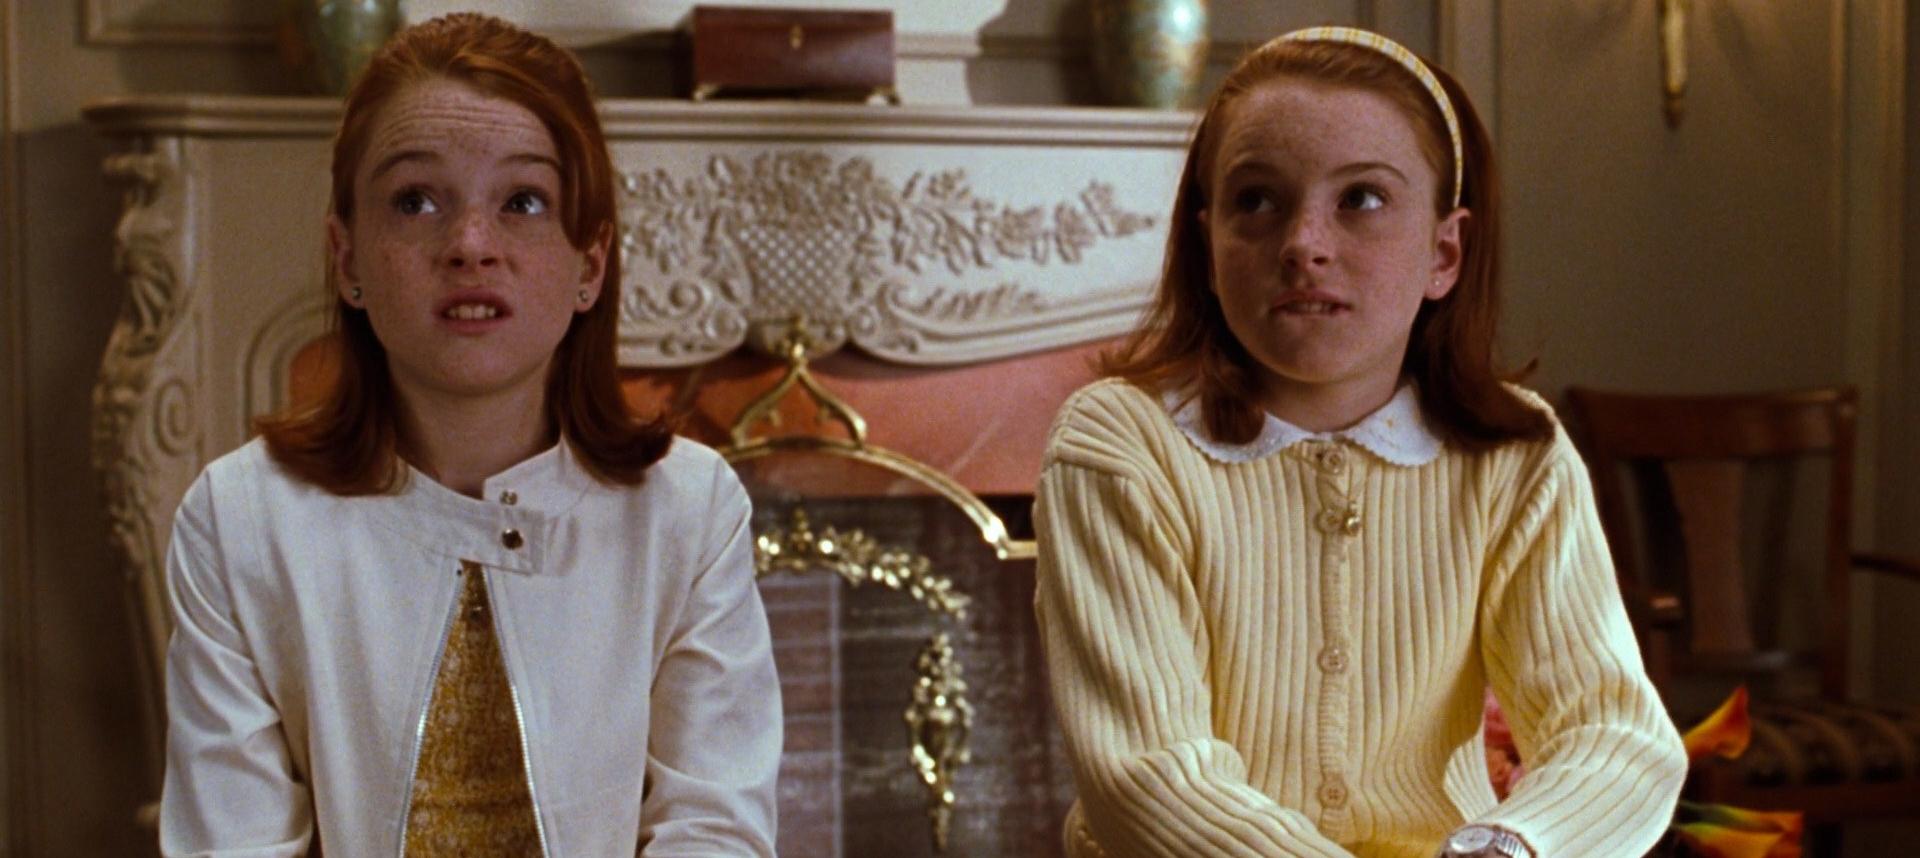 The Parent Trap, Lindsay Lohan